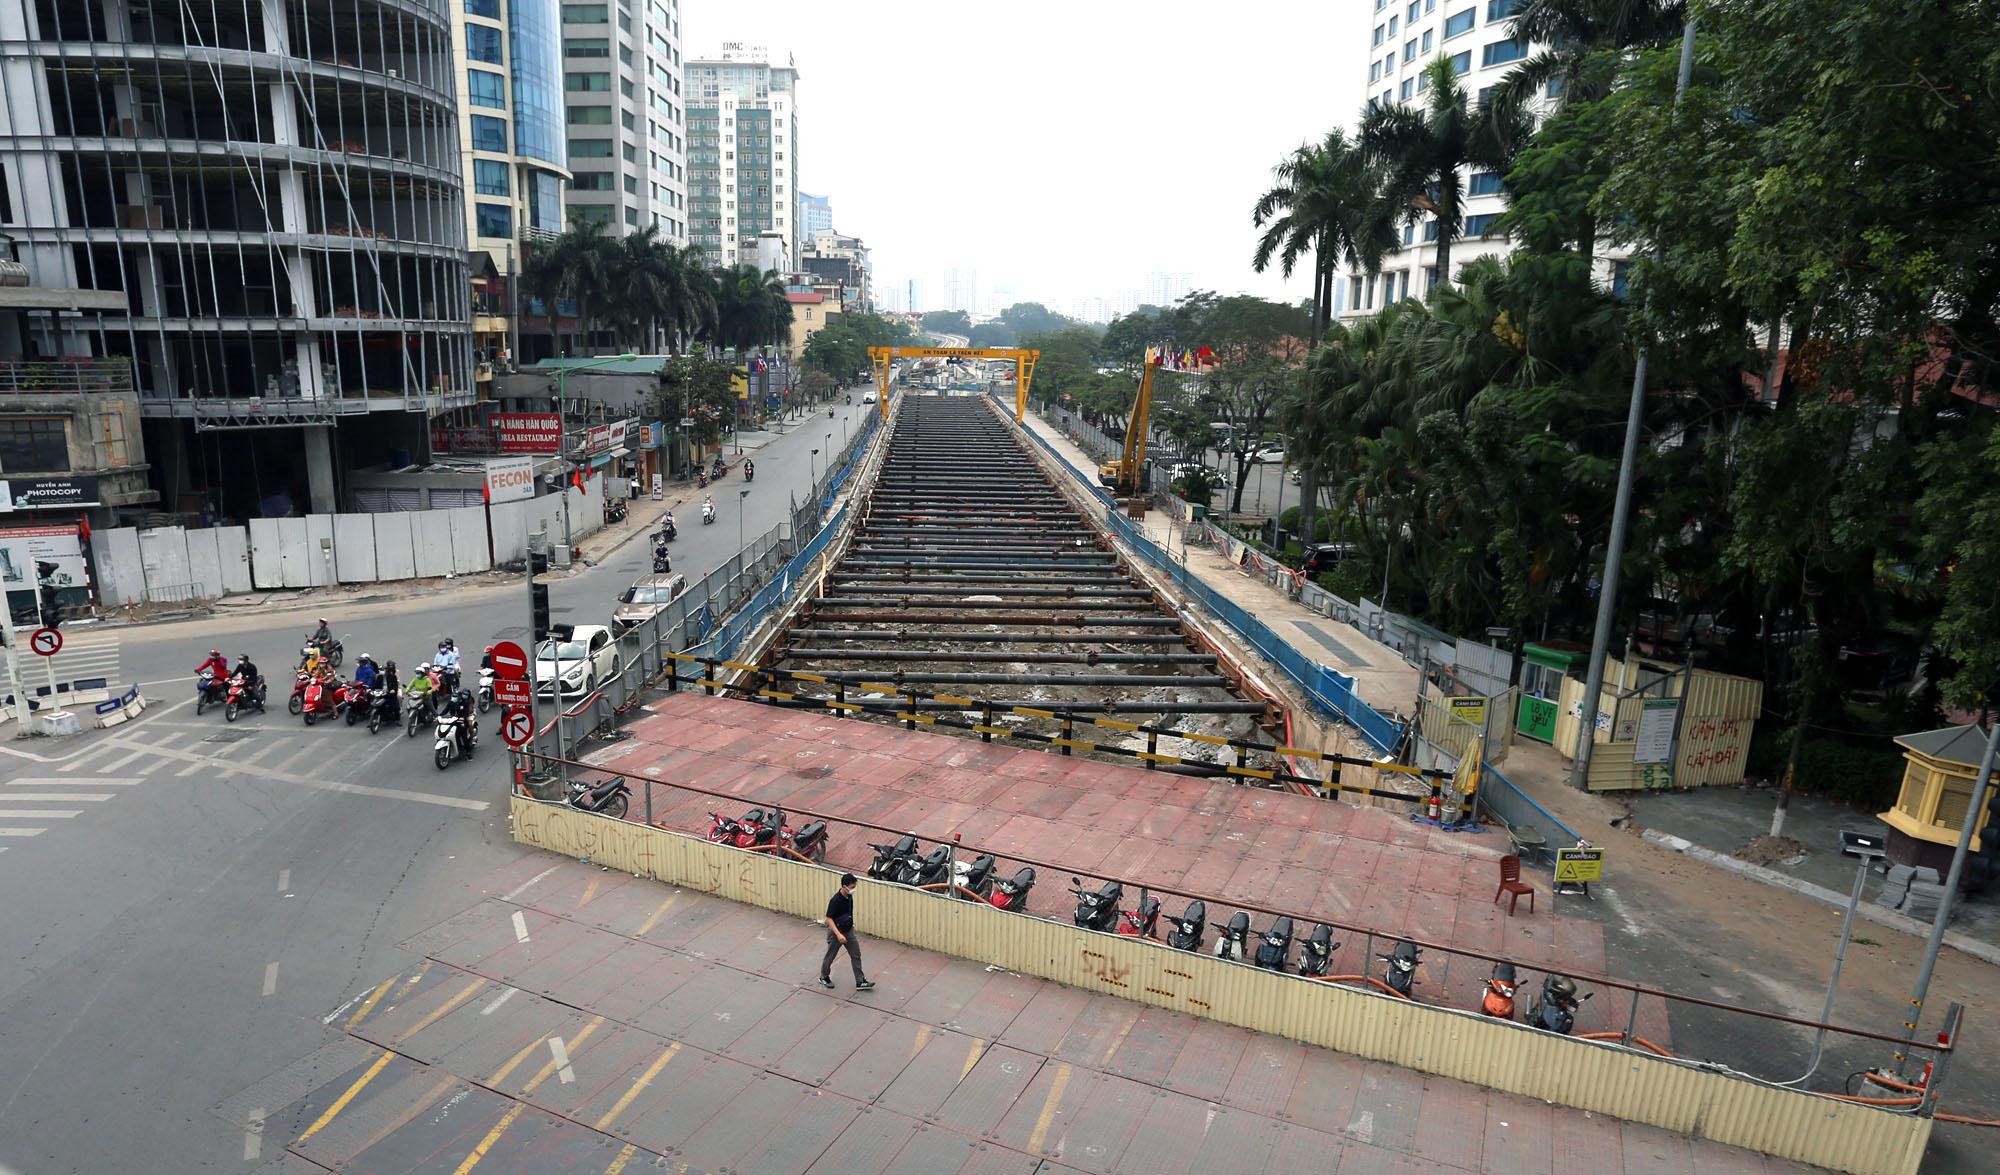 Tiến độ tổng thể dự án đường sắt Nhổn - ga Hà Nội đoạn trên cao đạt hơn 86% - Ảnh 2.